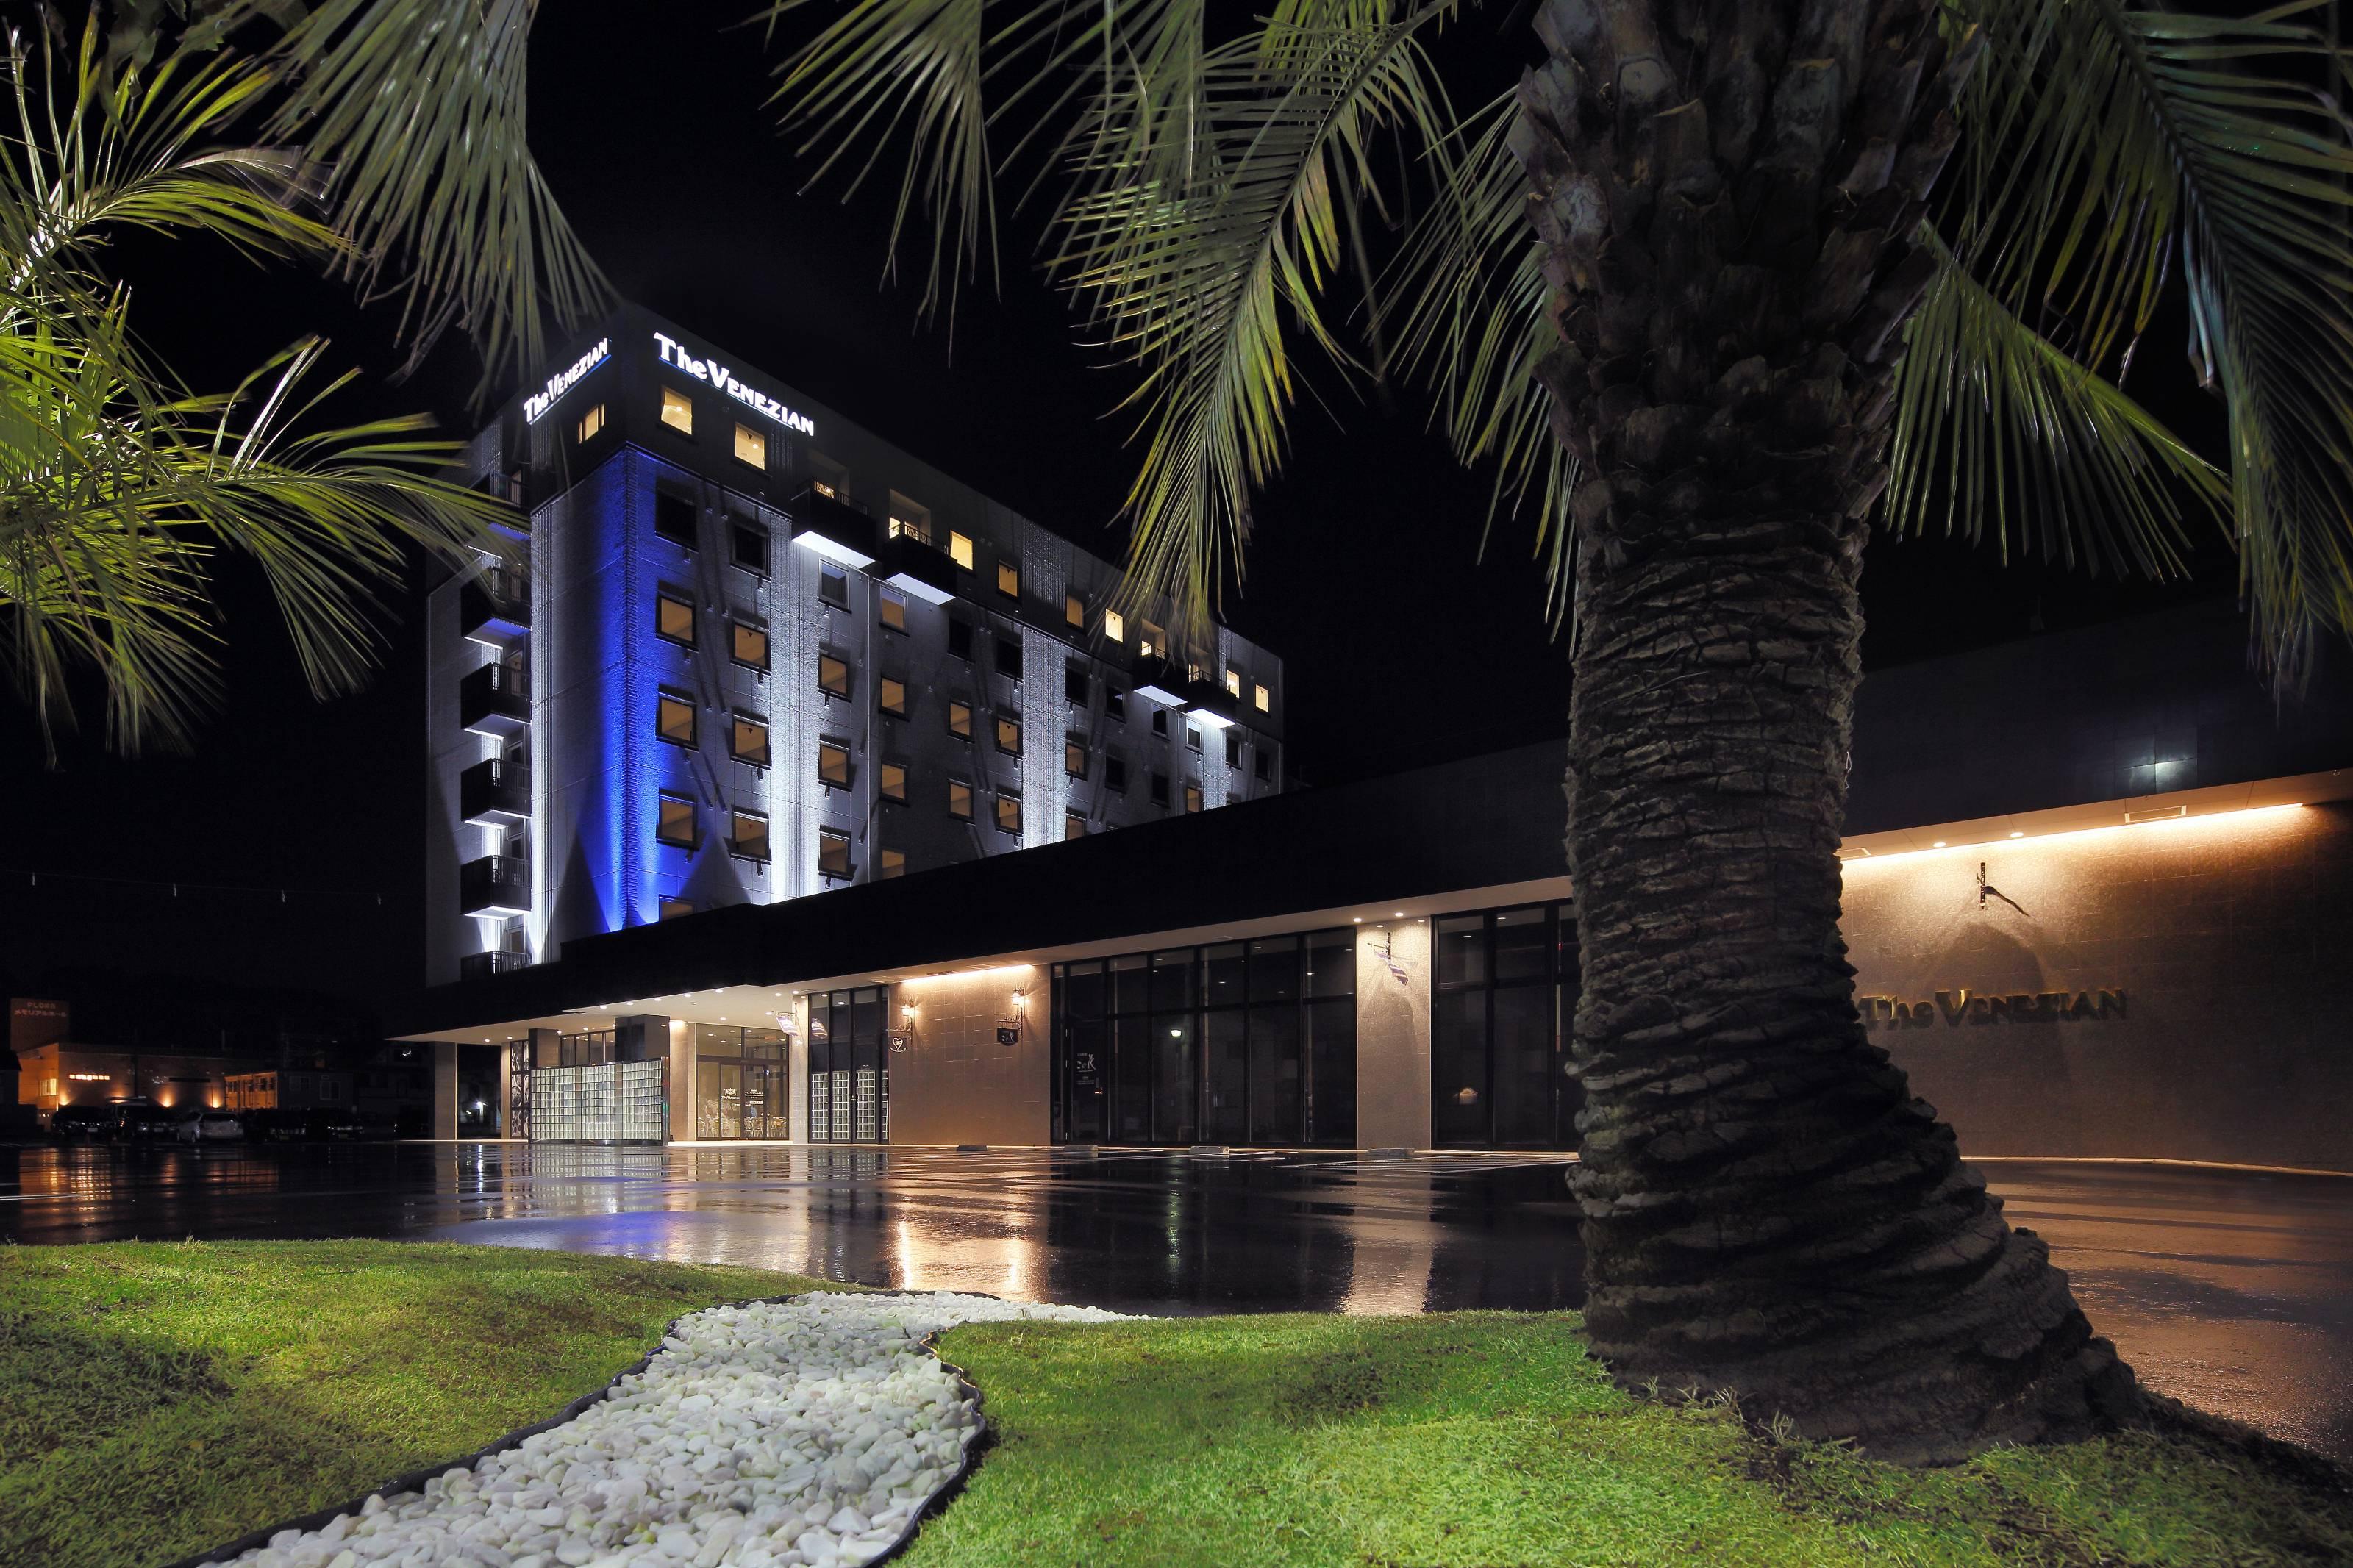 ベネシアンホテル白石蔵王(丸山観光株式会社)